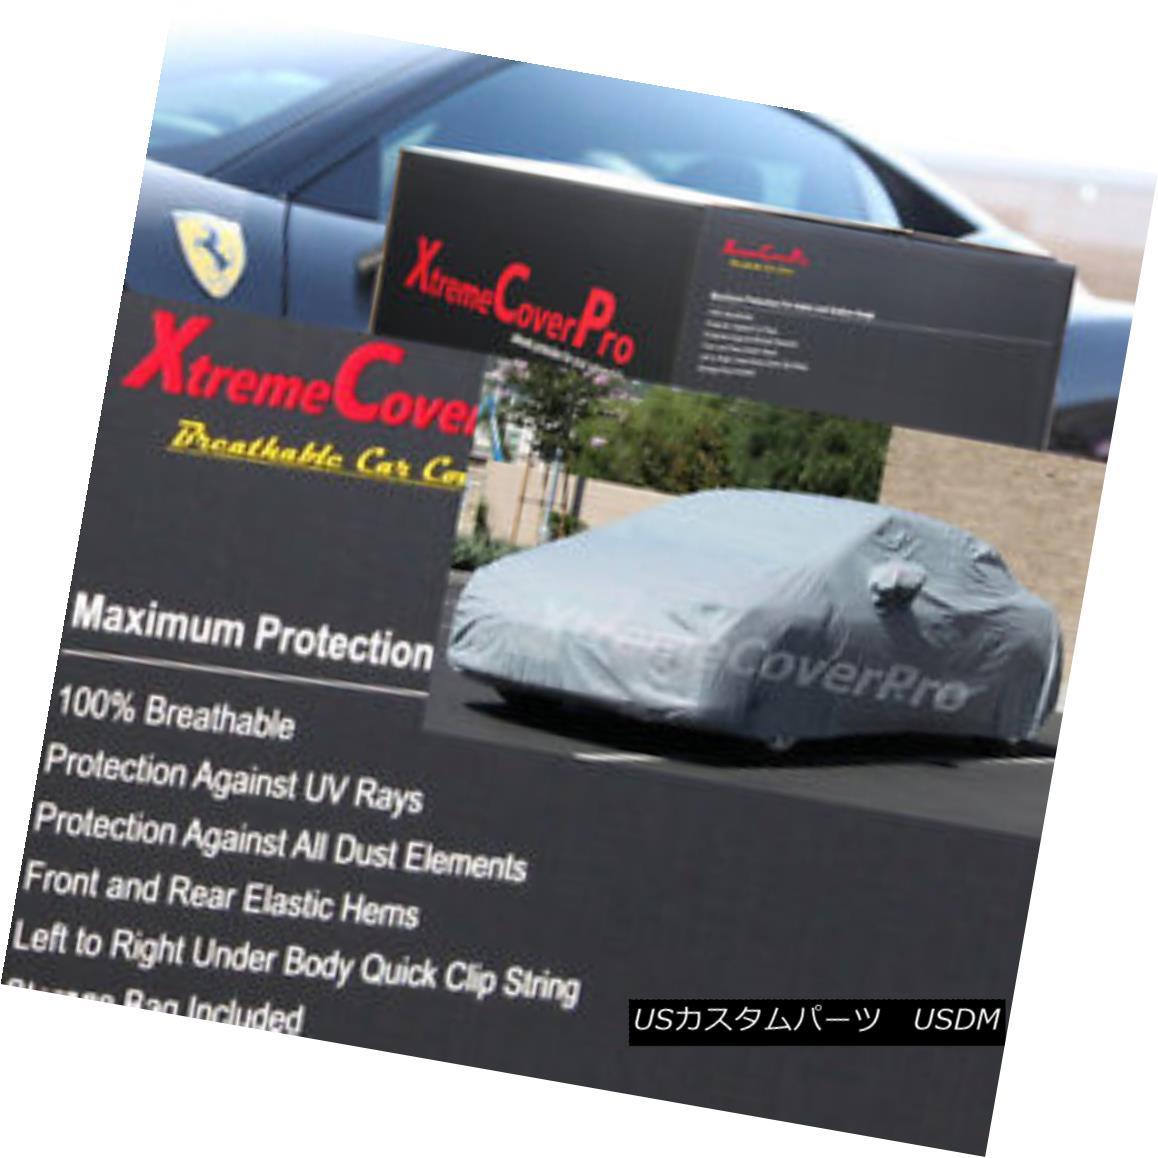 カーカバー 2015 Mercedes C250 C350 C63 COUPE Breathable Car Cover w/Mirror Pockets - Gray 2015年メルセデスC250 C350 C63 COUPE通気性の車カバー、ミラーポケット付き - グレー